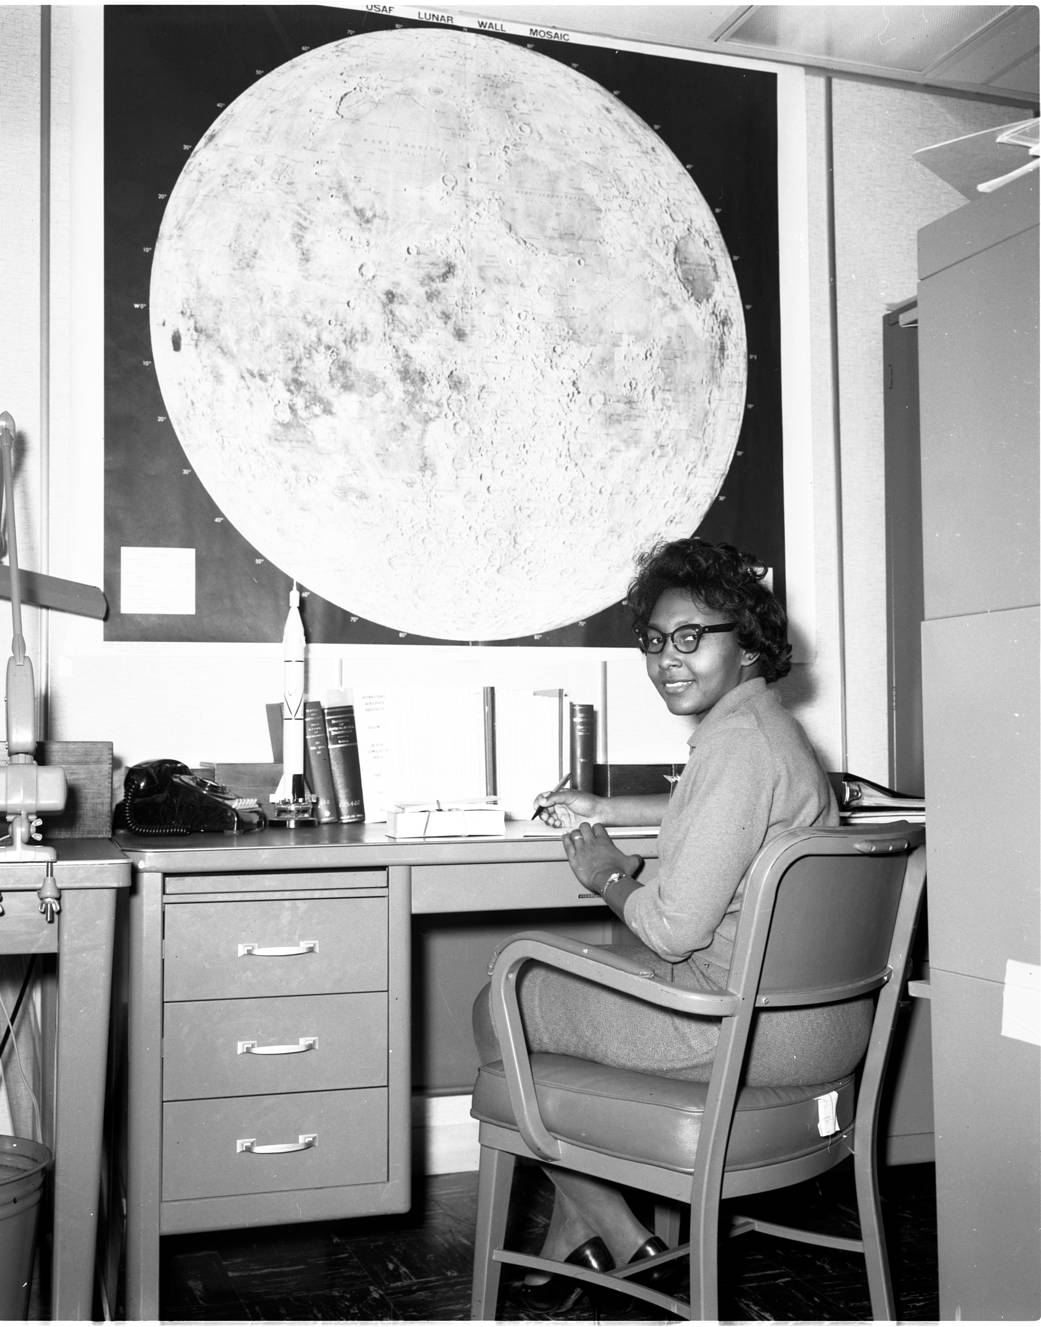 2017.02.10:NASAの科学者であり数学者であったスイサム